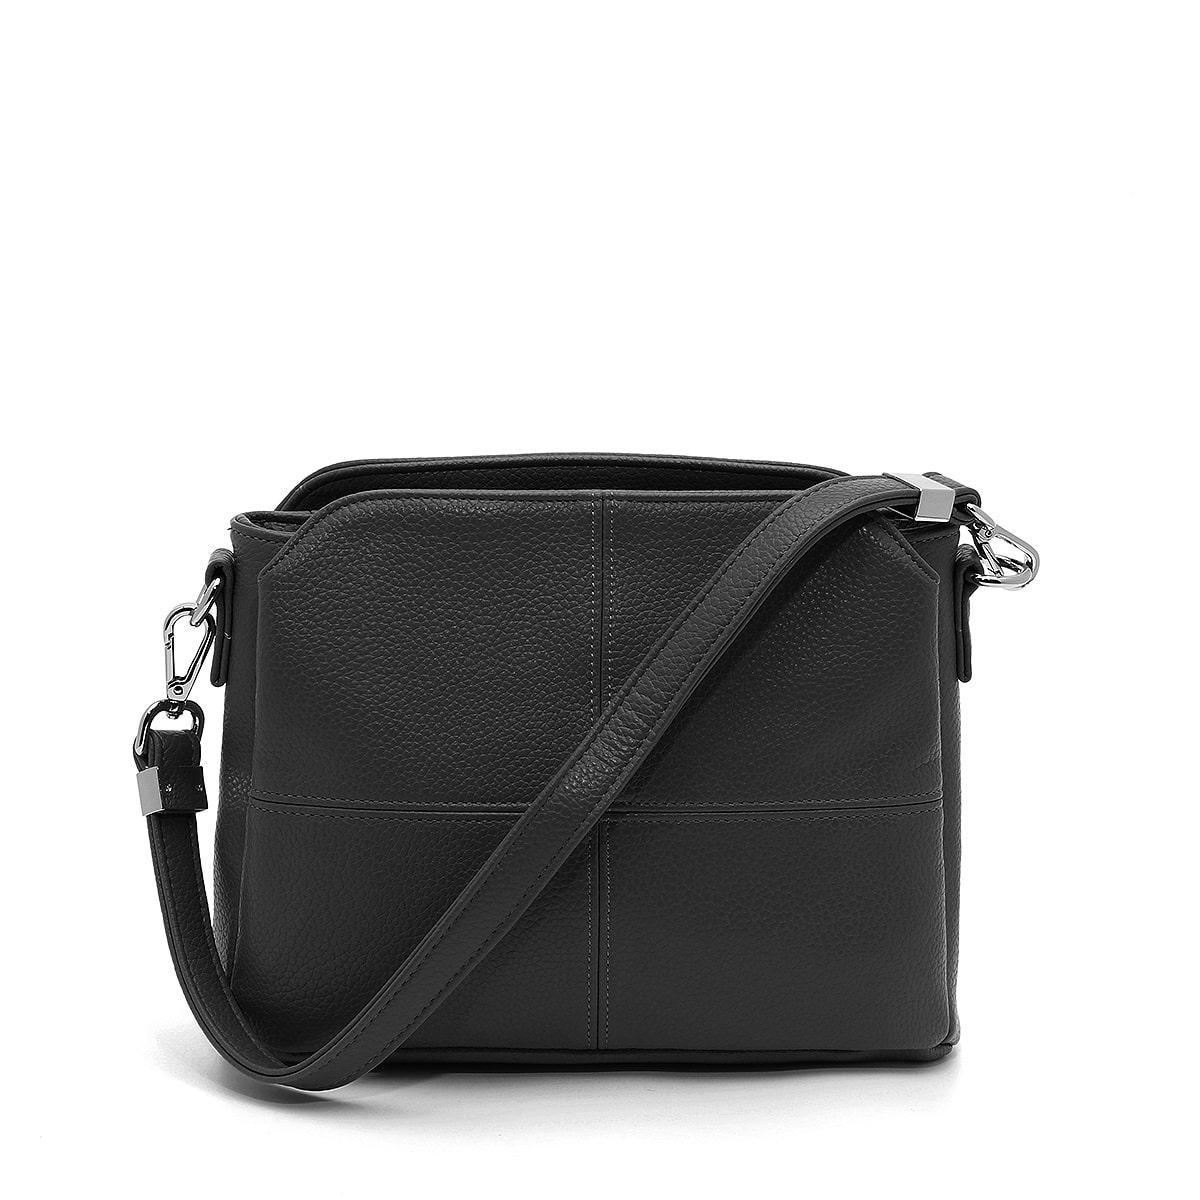 דגם קלי: תיק צד לנשים בצבע שחור